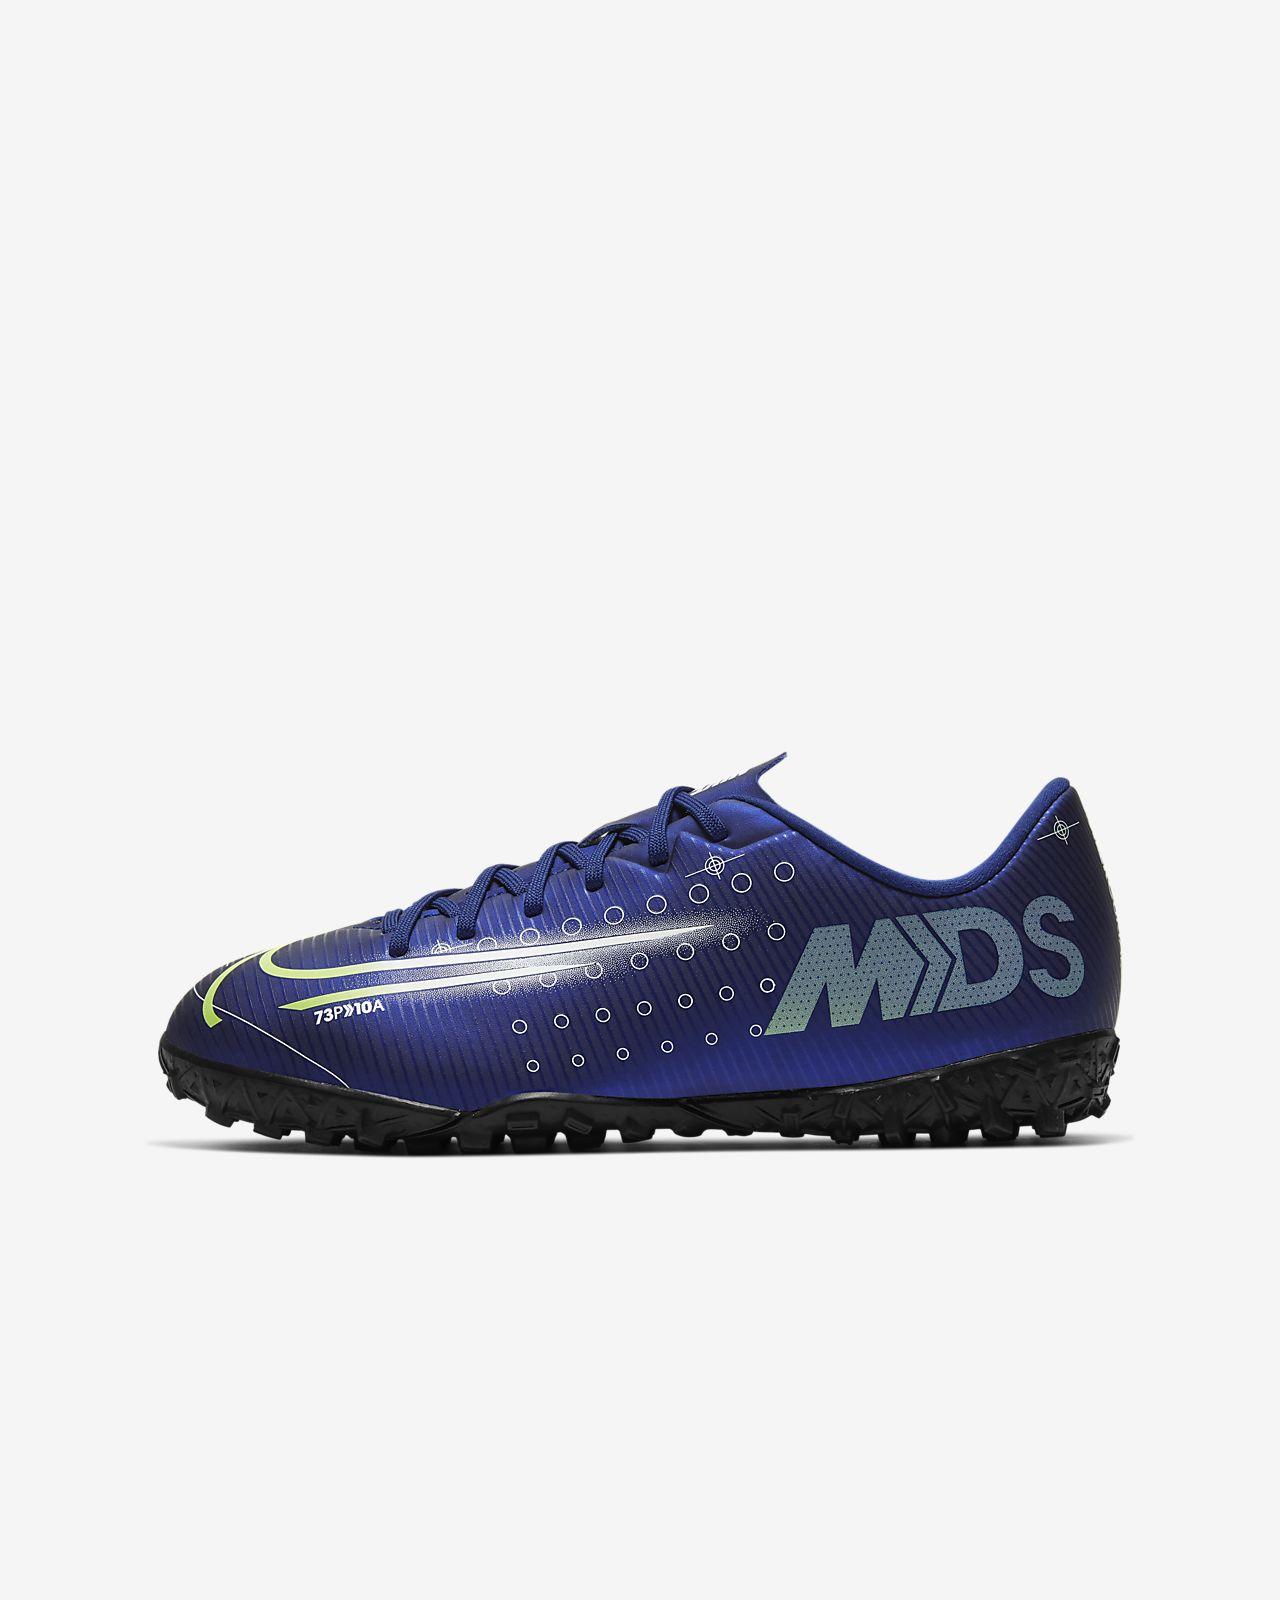 Chaussure de football pour surface synthétique Nike Jr. Mercurial Vapor 13 Academy MDS TF pour Jeune enfant/Enfant plus âgé